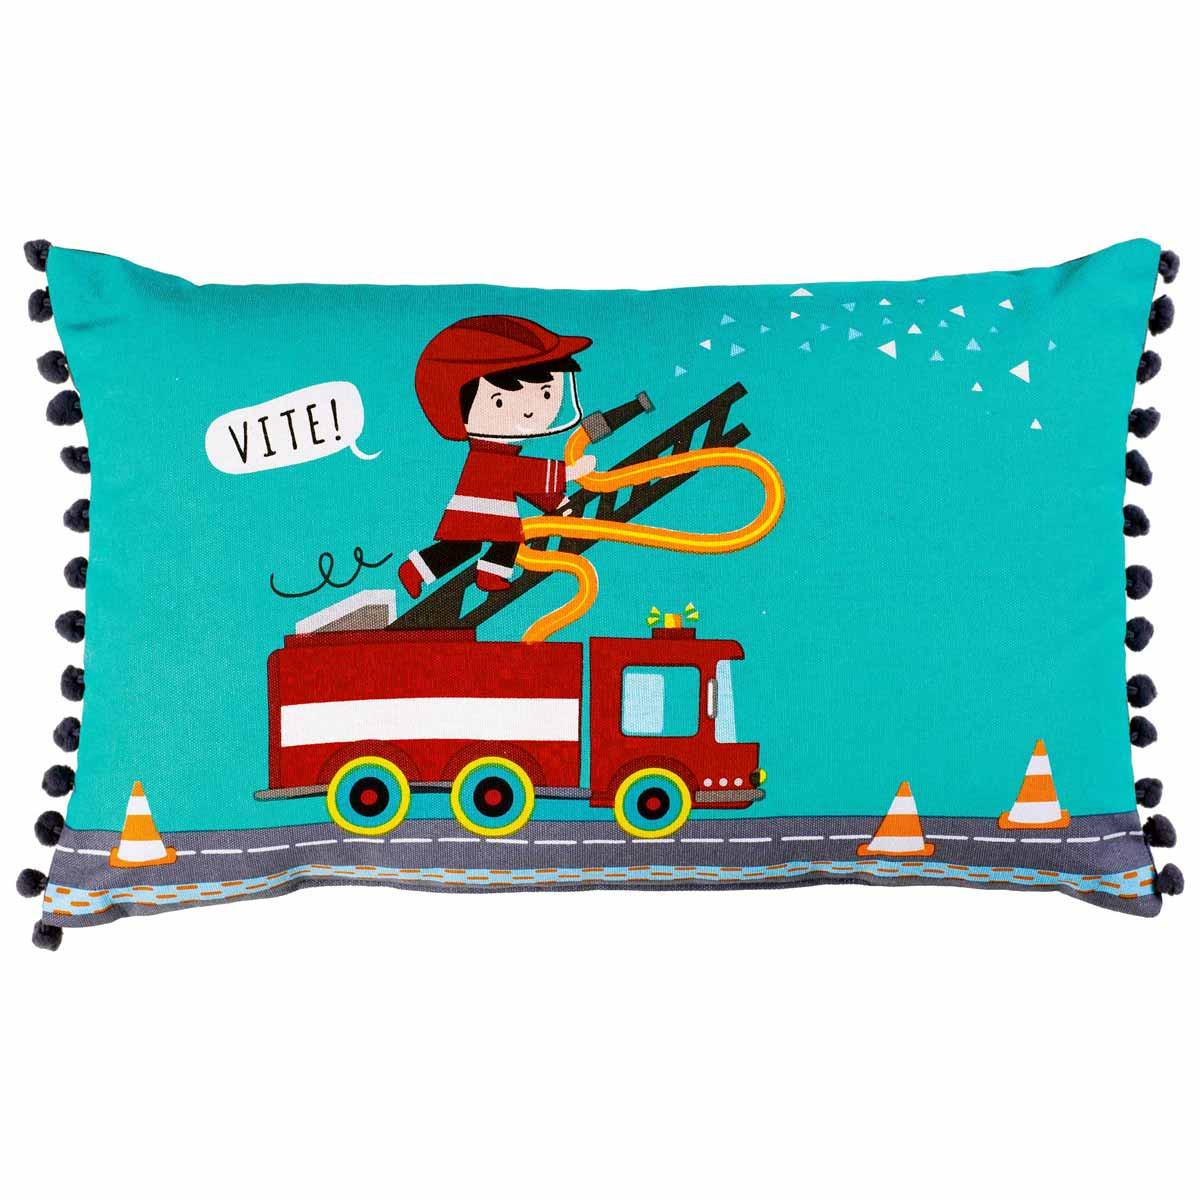 Διακοσμητικό Μαξιλάρι Flyn Sans 1607685 home   παιδικά   διακοσμητικά μαξιλάρια παιδικά